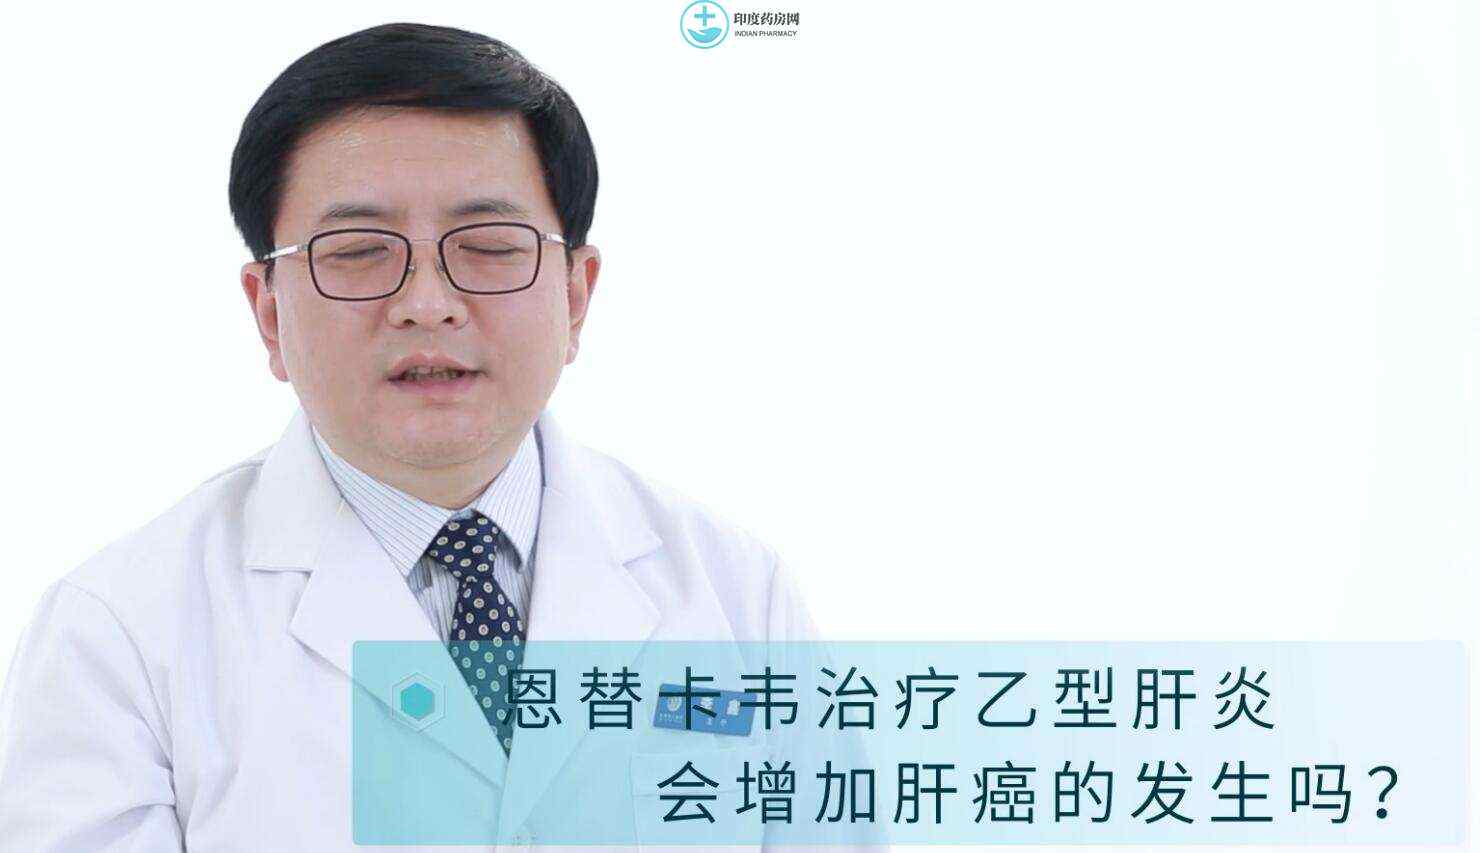 恩替卡韦治疗乙型肝炎会增加肝癌的发生吗?